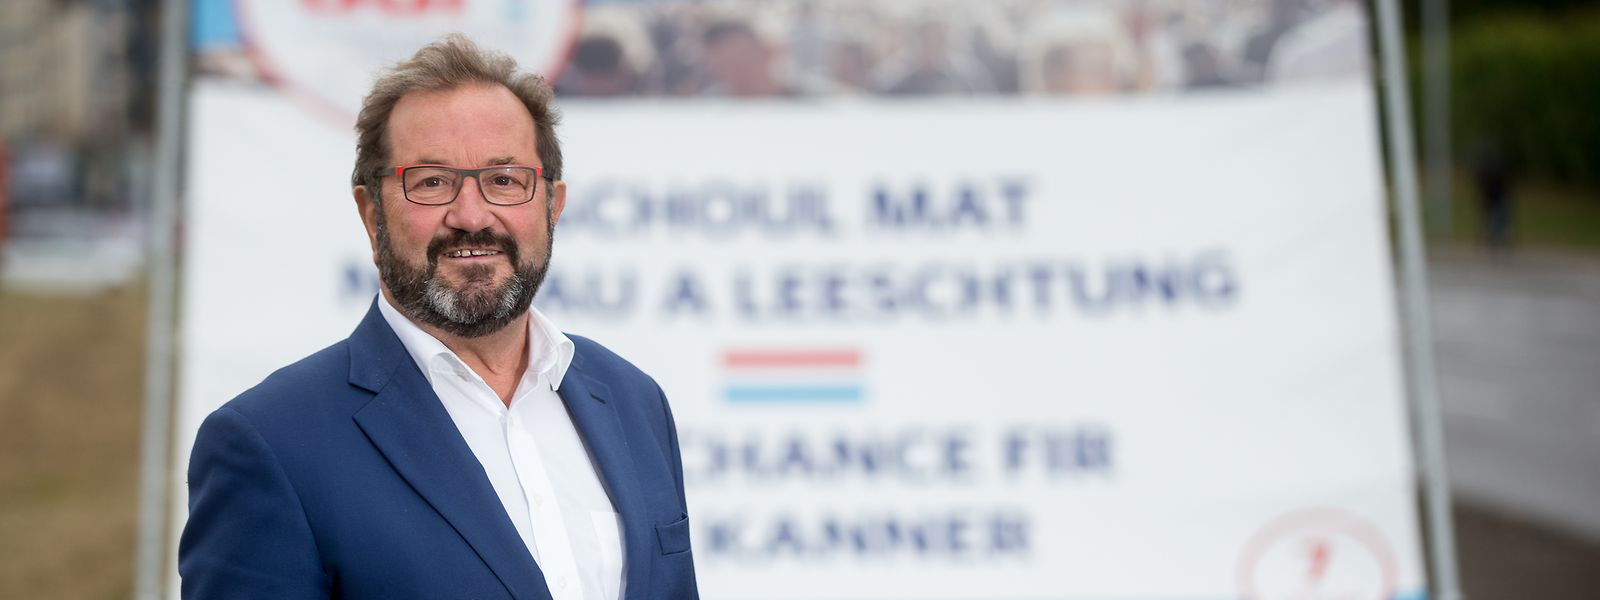 Gast Gibéryen est la tête de liste de l'ADR pour les élections européennes qui auront lieu le 26 mai.